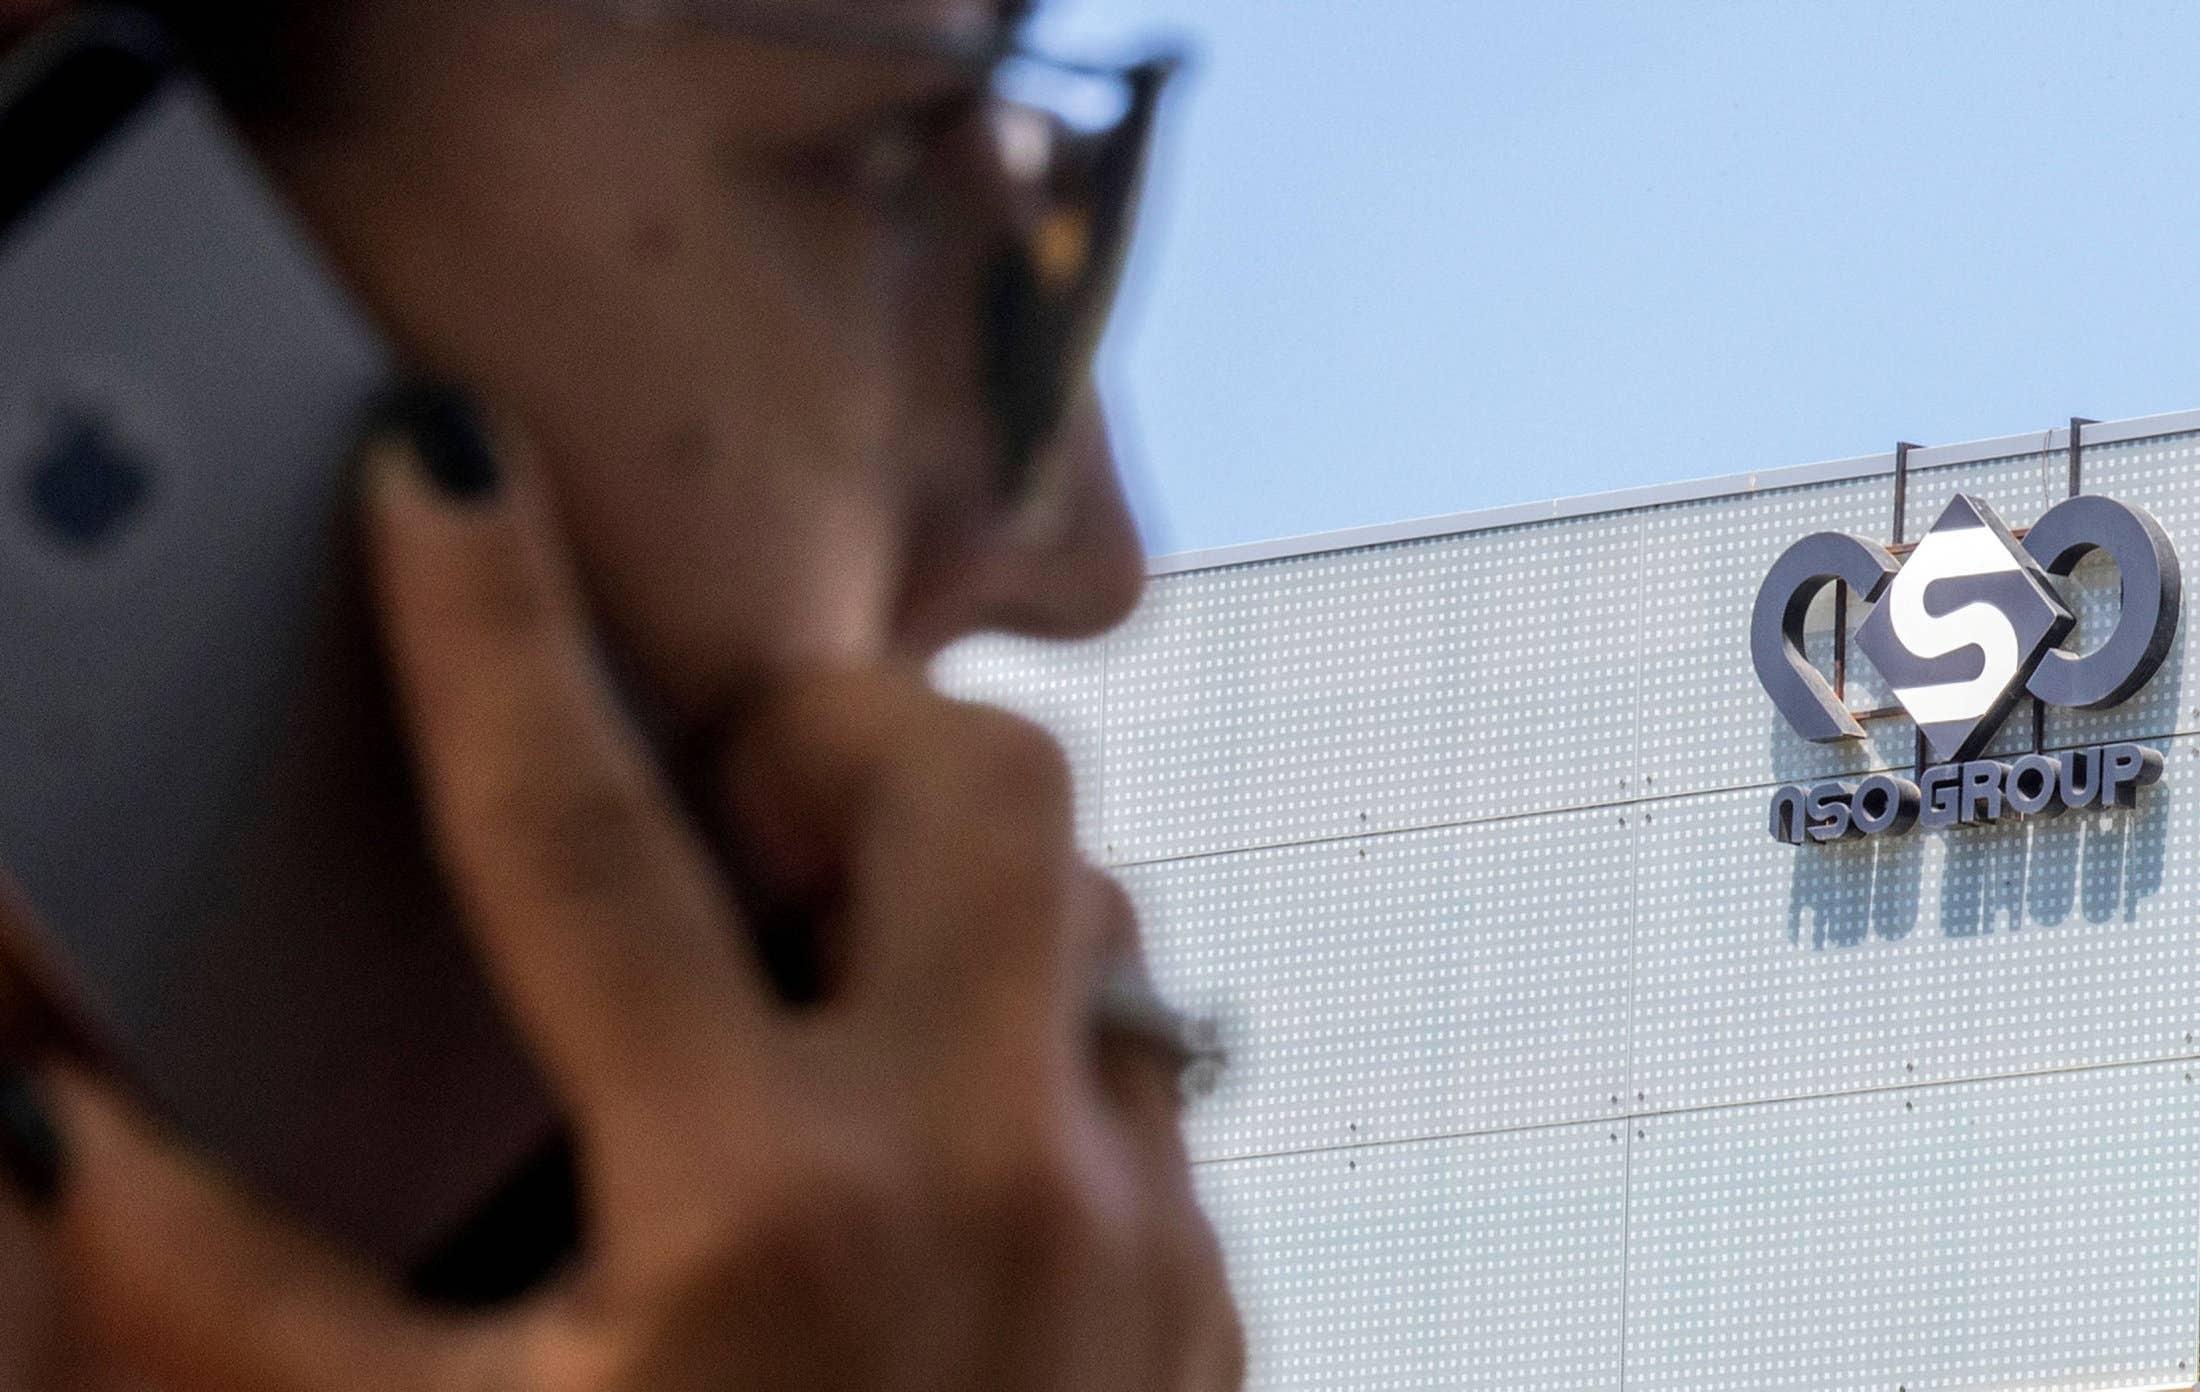 Franca, e bindur se Maroku përdori Pegasus për të spiunuar zyrtarët më të lartë